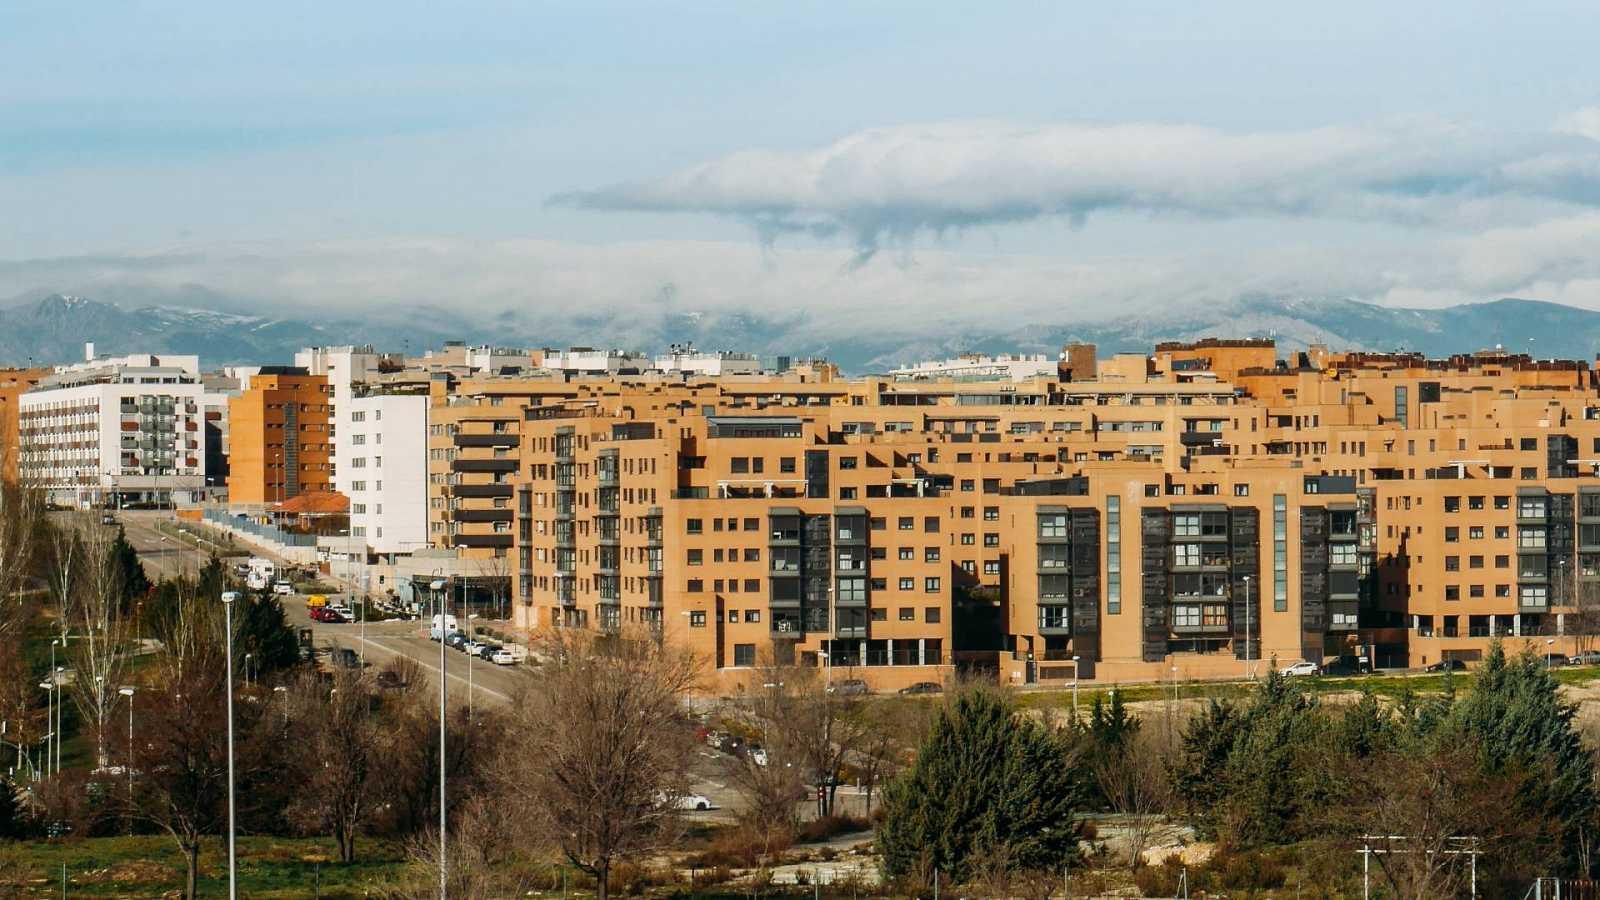 Vista de un barrio residencial en Madrid